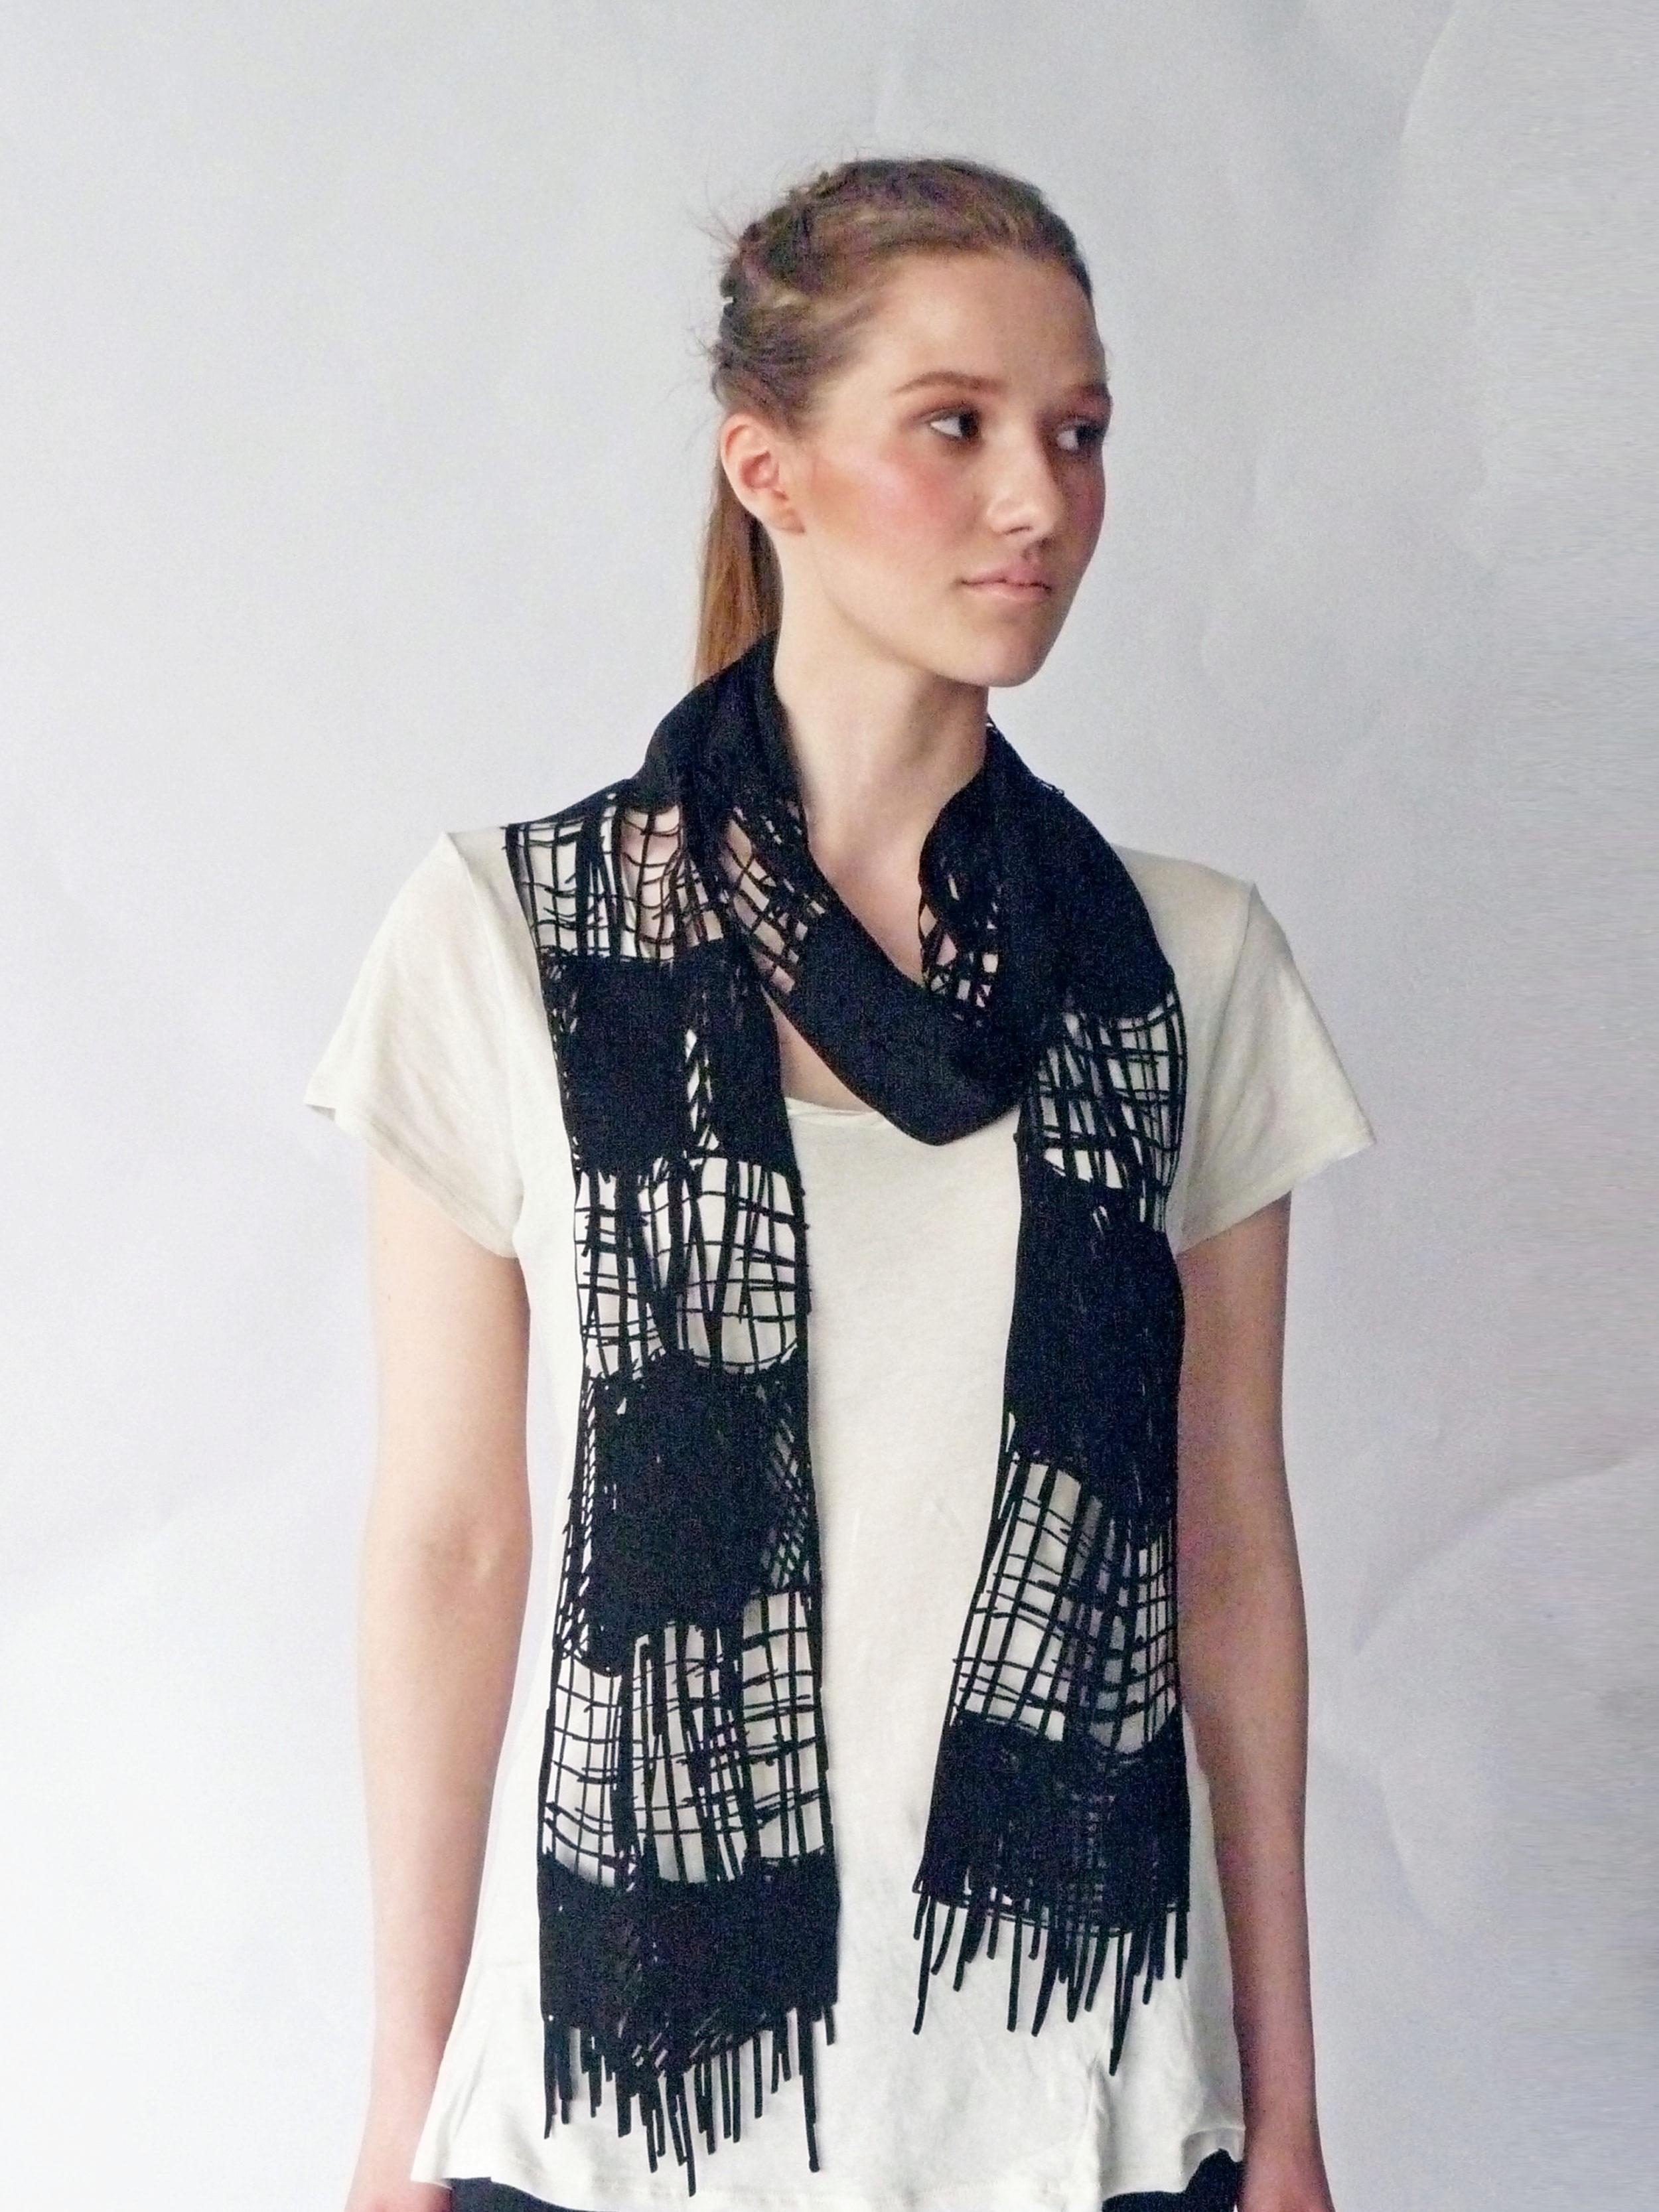 scarf-pendrawing.jpg